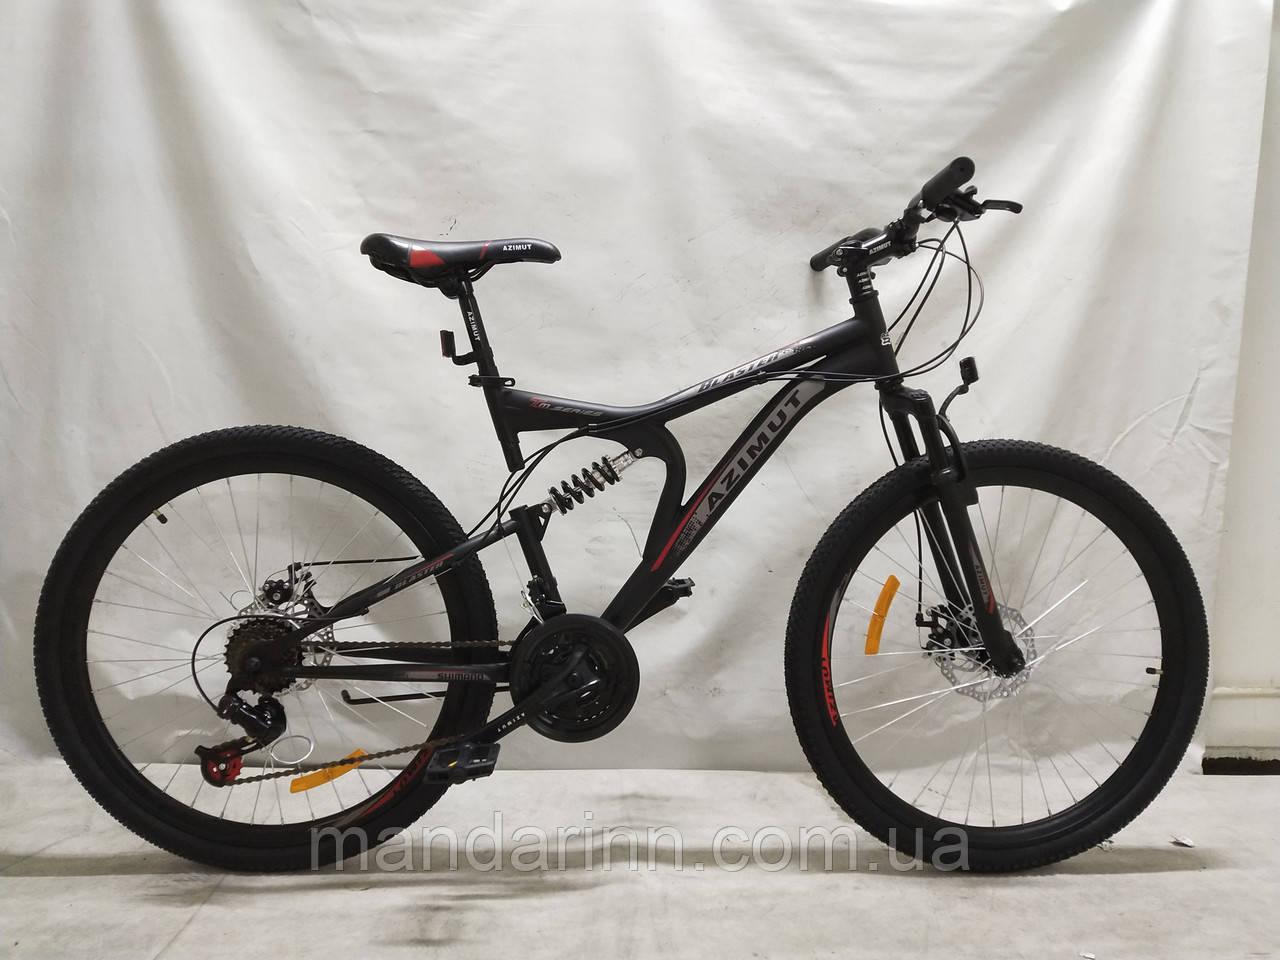 Гірський велосипед Azimut Blaster 26 дюймів. Чорно-червоний